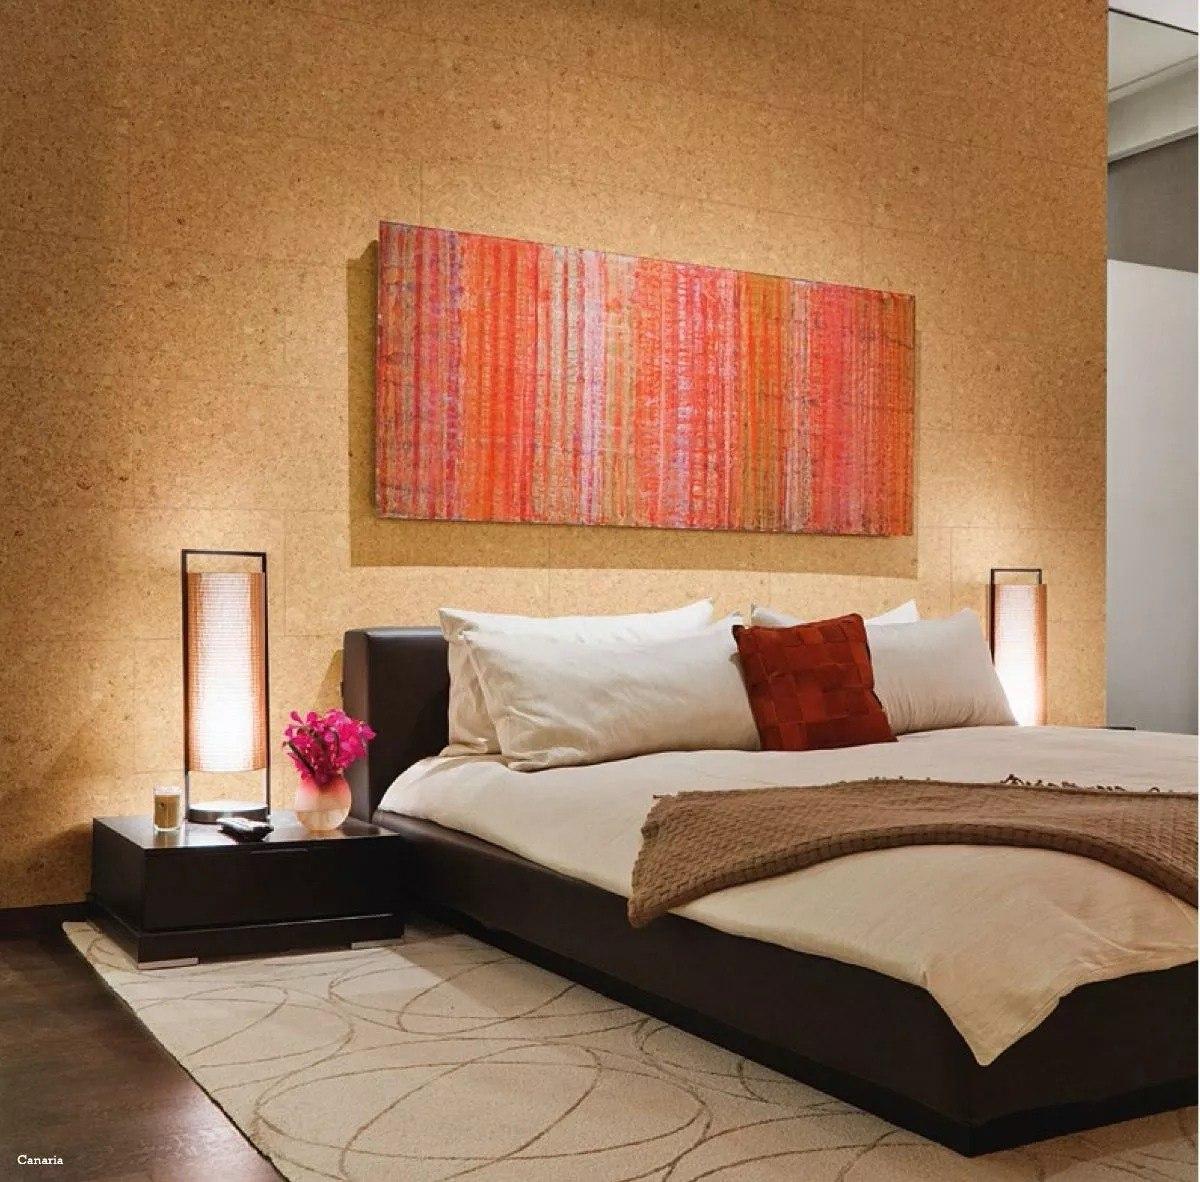 Corcho decorativo para paredes free rqthhd interior - Corcho decorativo ...